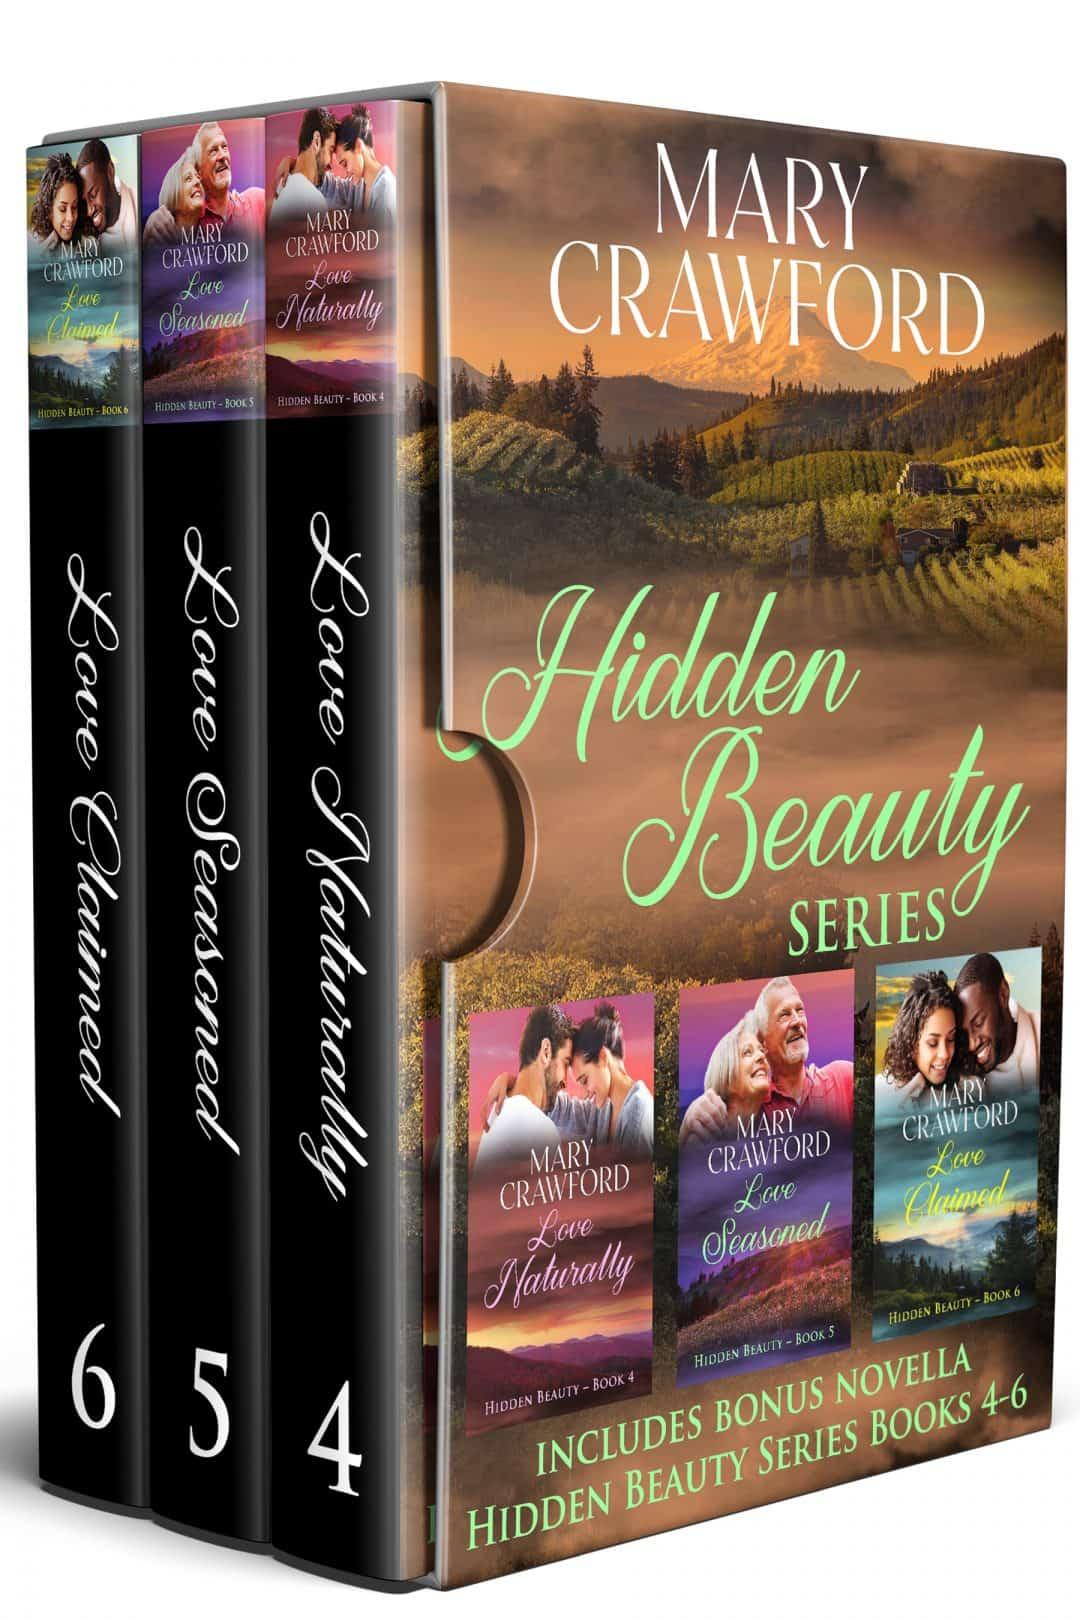 Hidden Beauty Series 4 – 6